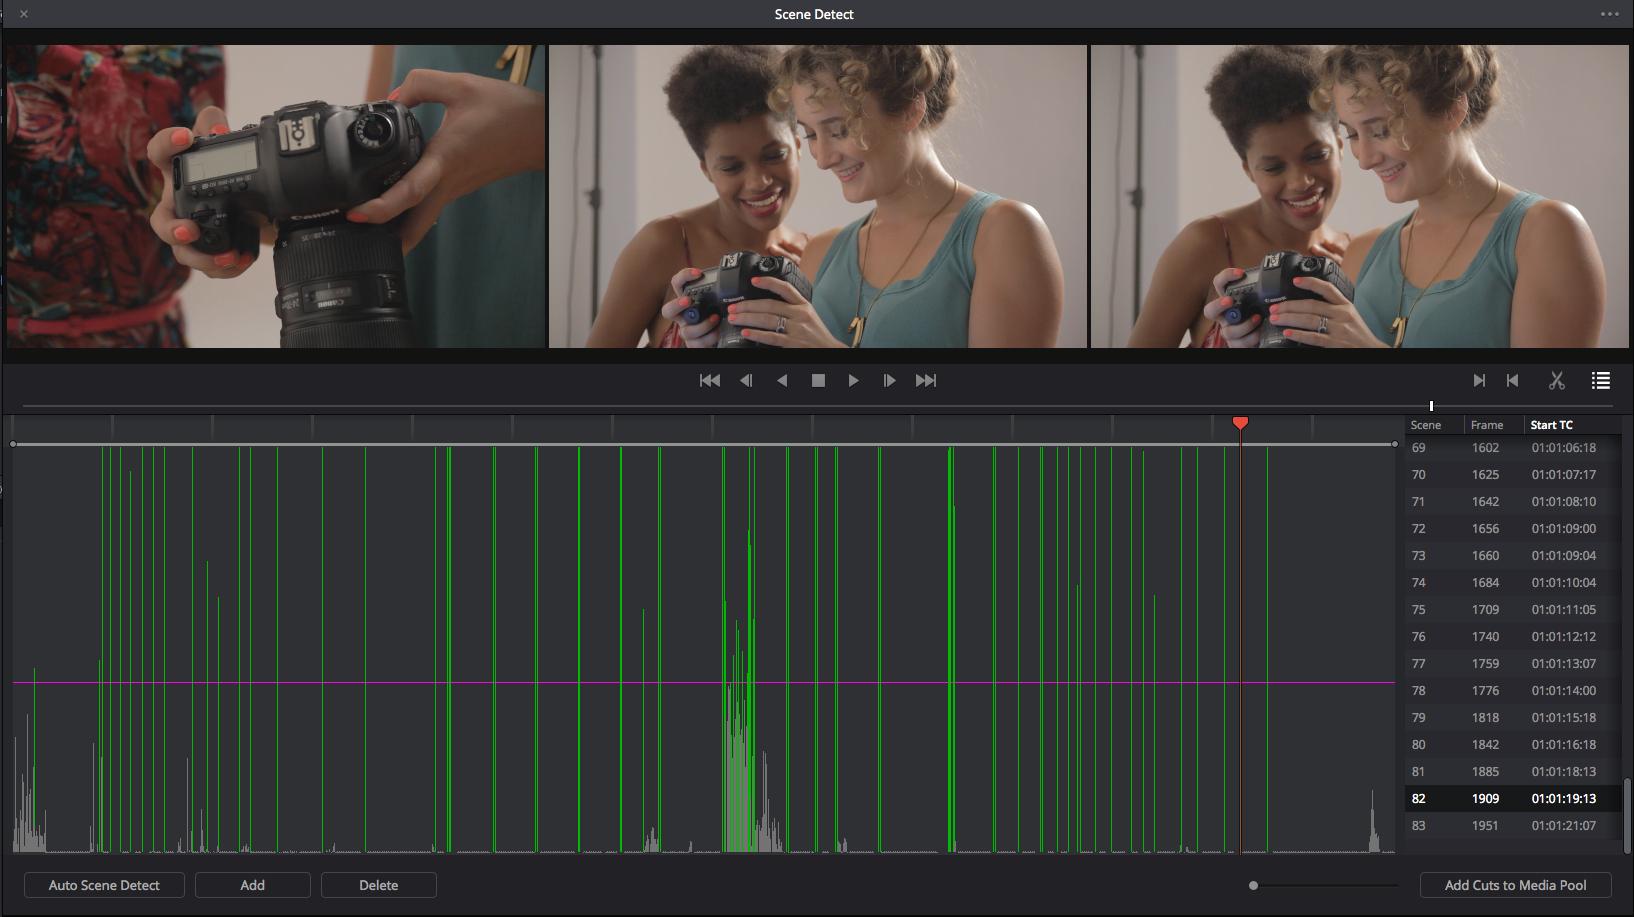 2-scene-cut-interface